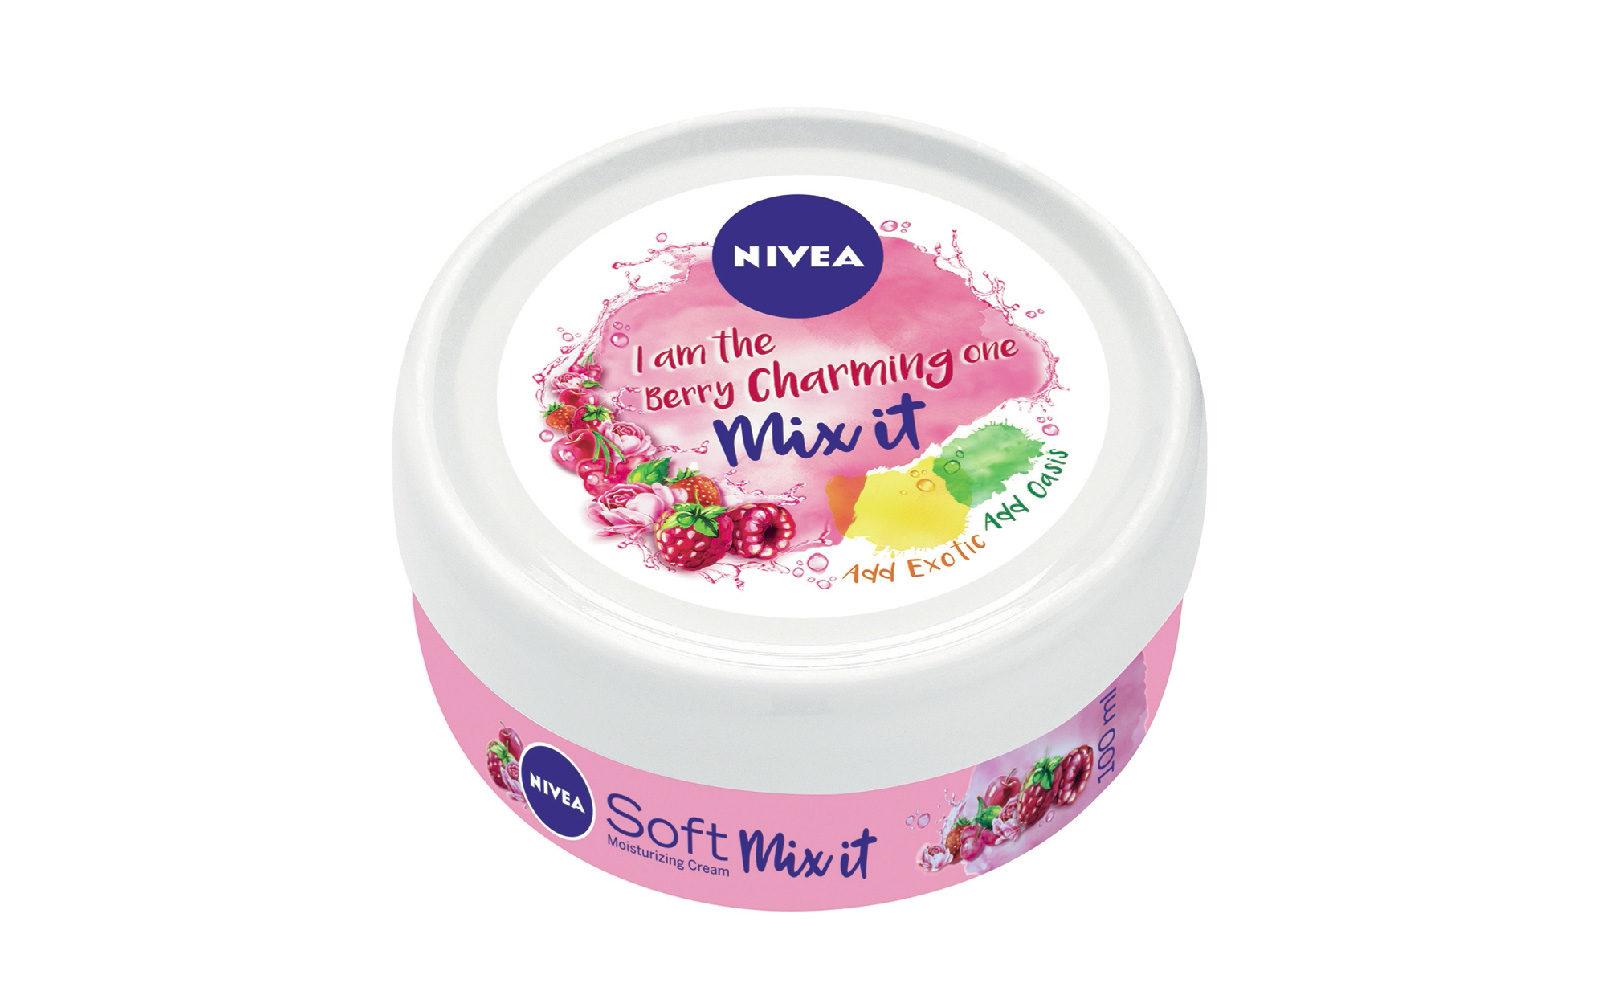 Nivea Soft Mix it si può usare come idratante viso e corpo o come rimedio S.O.S. (grande distribuzione, 2,49 euro).